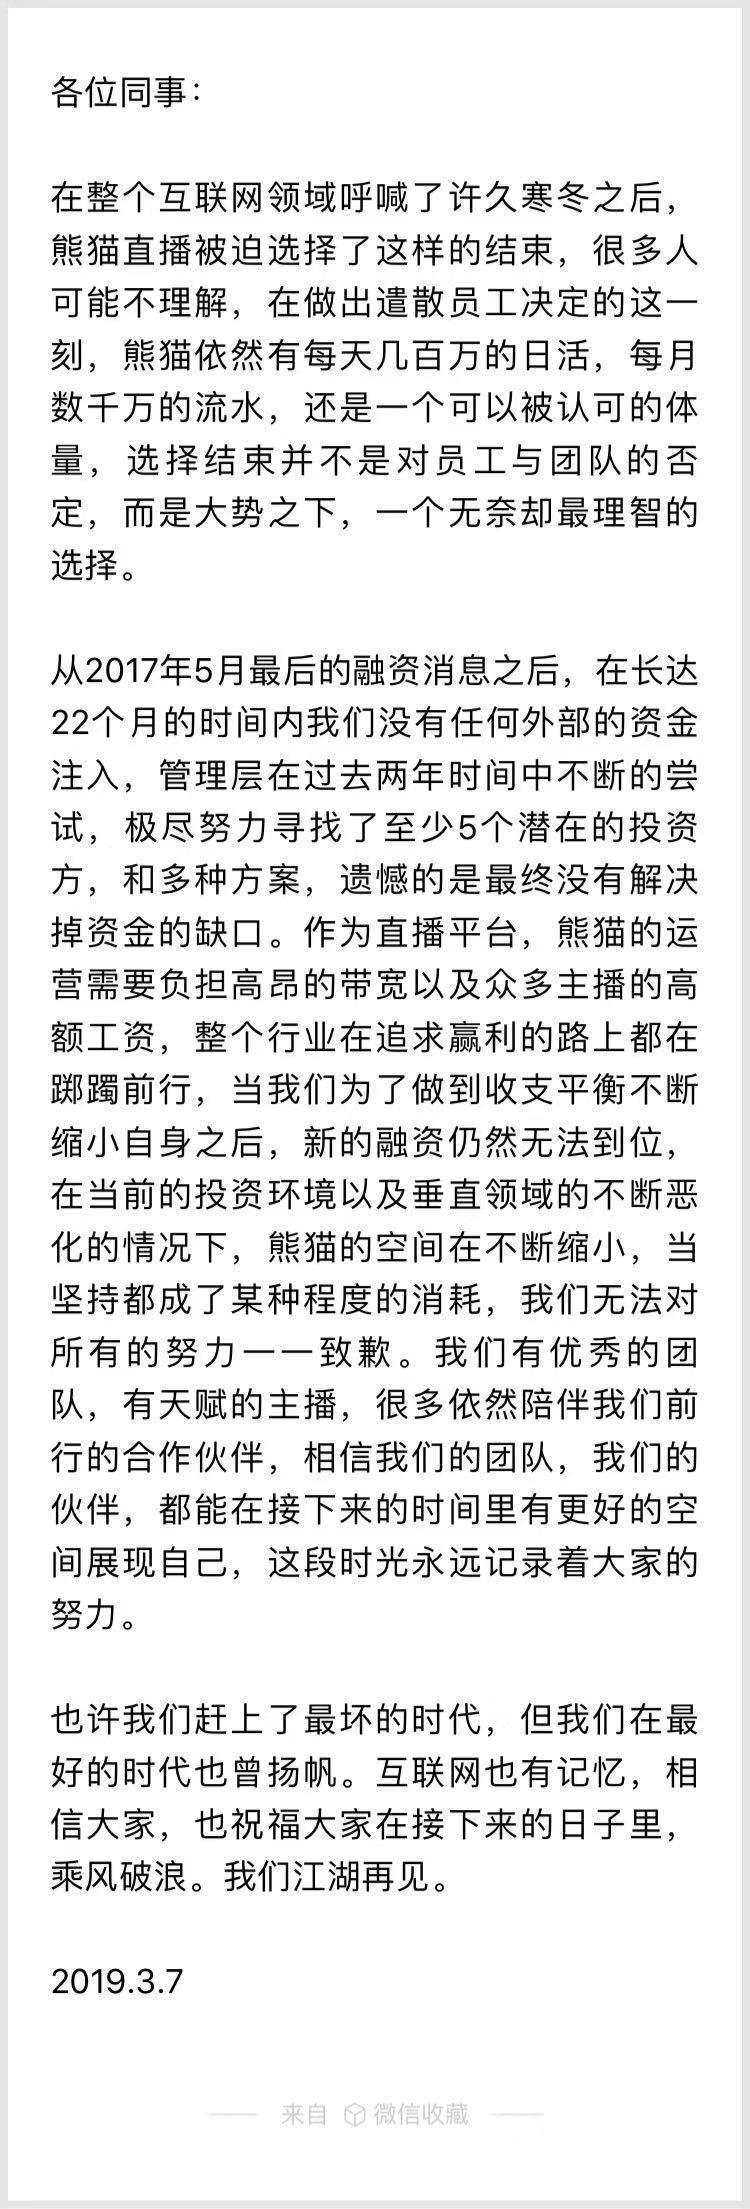 熊猫直播宣布结束:22个月没有任何外部资金注入